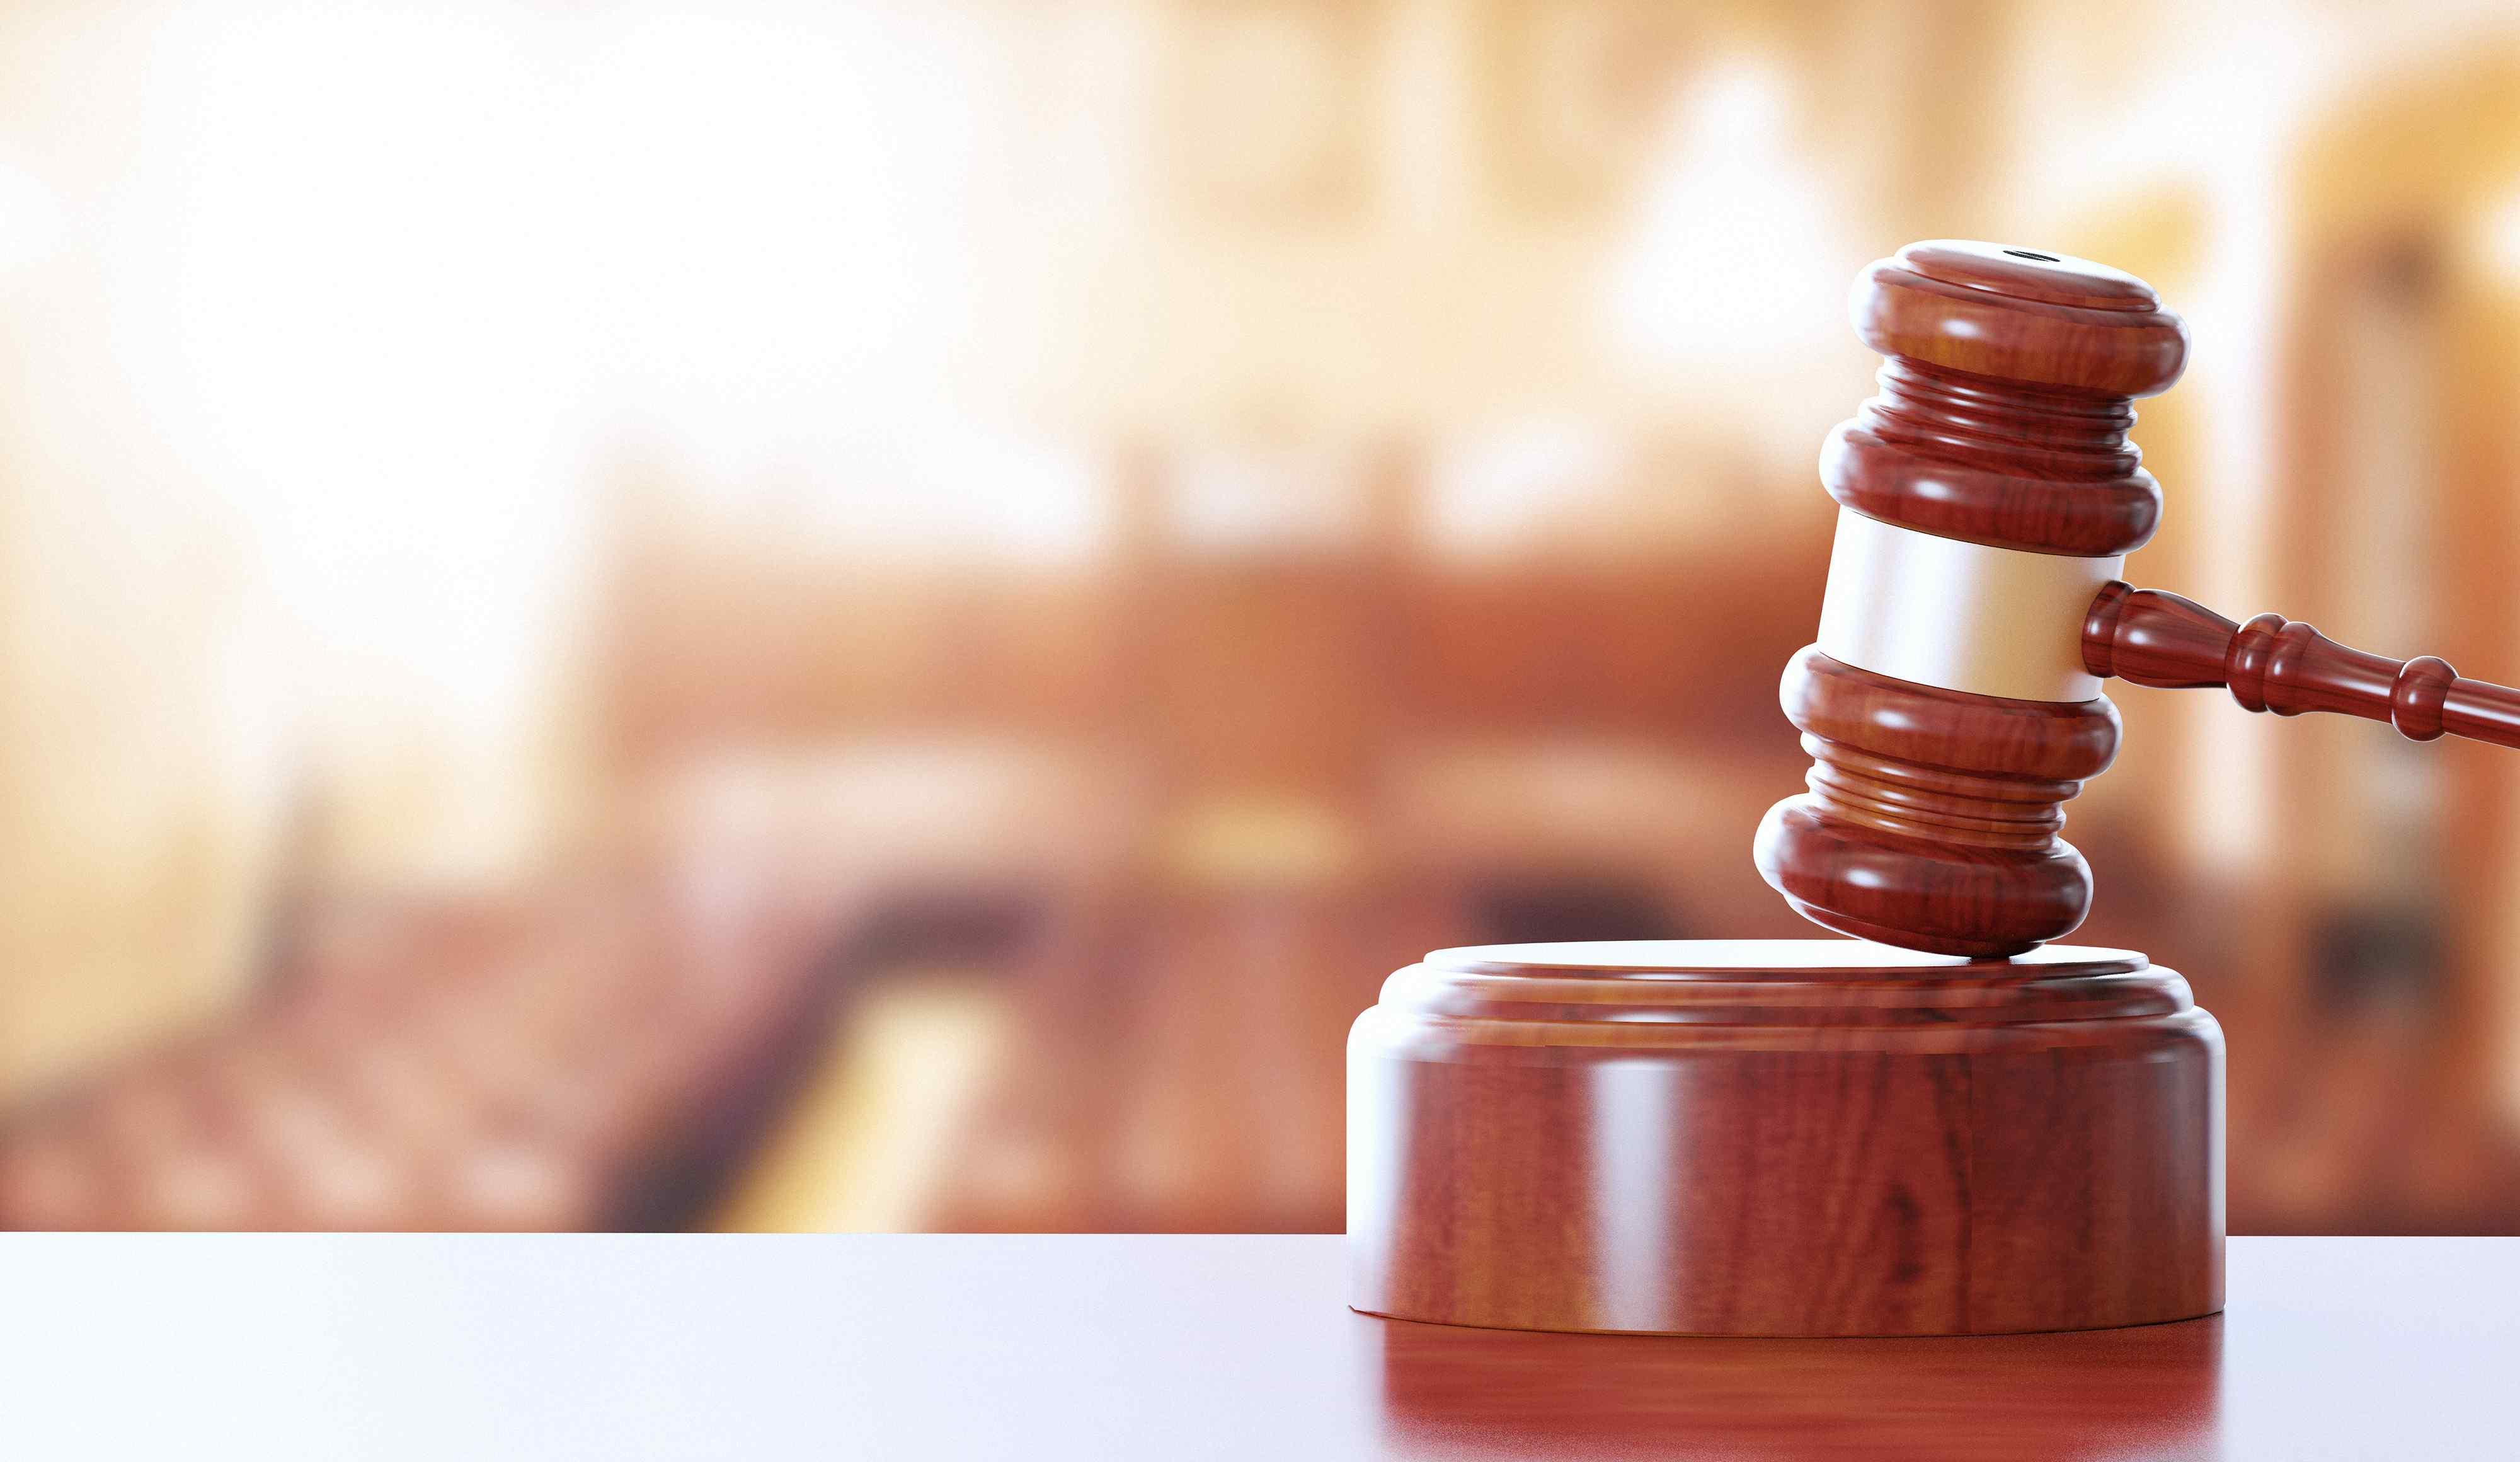 Co nowe prawo pierwokupu oznacza dla właścicieli nieruchomości wodnych?